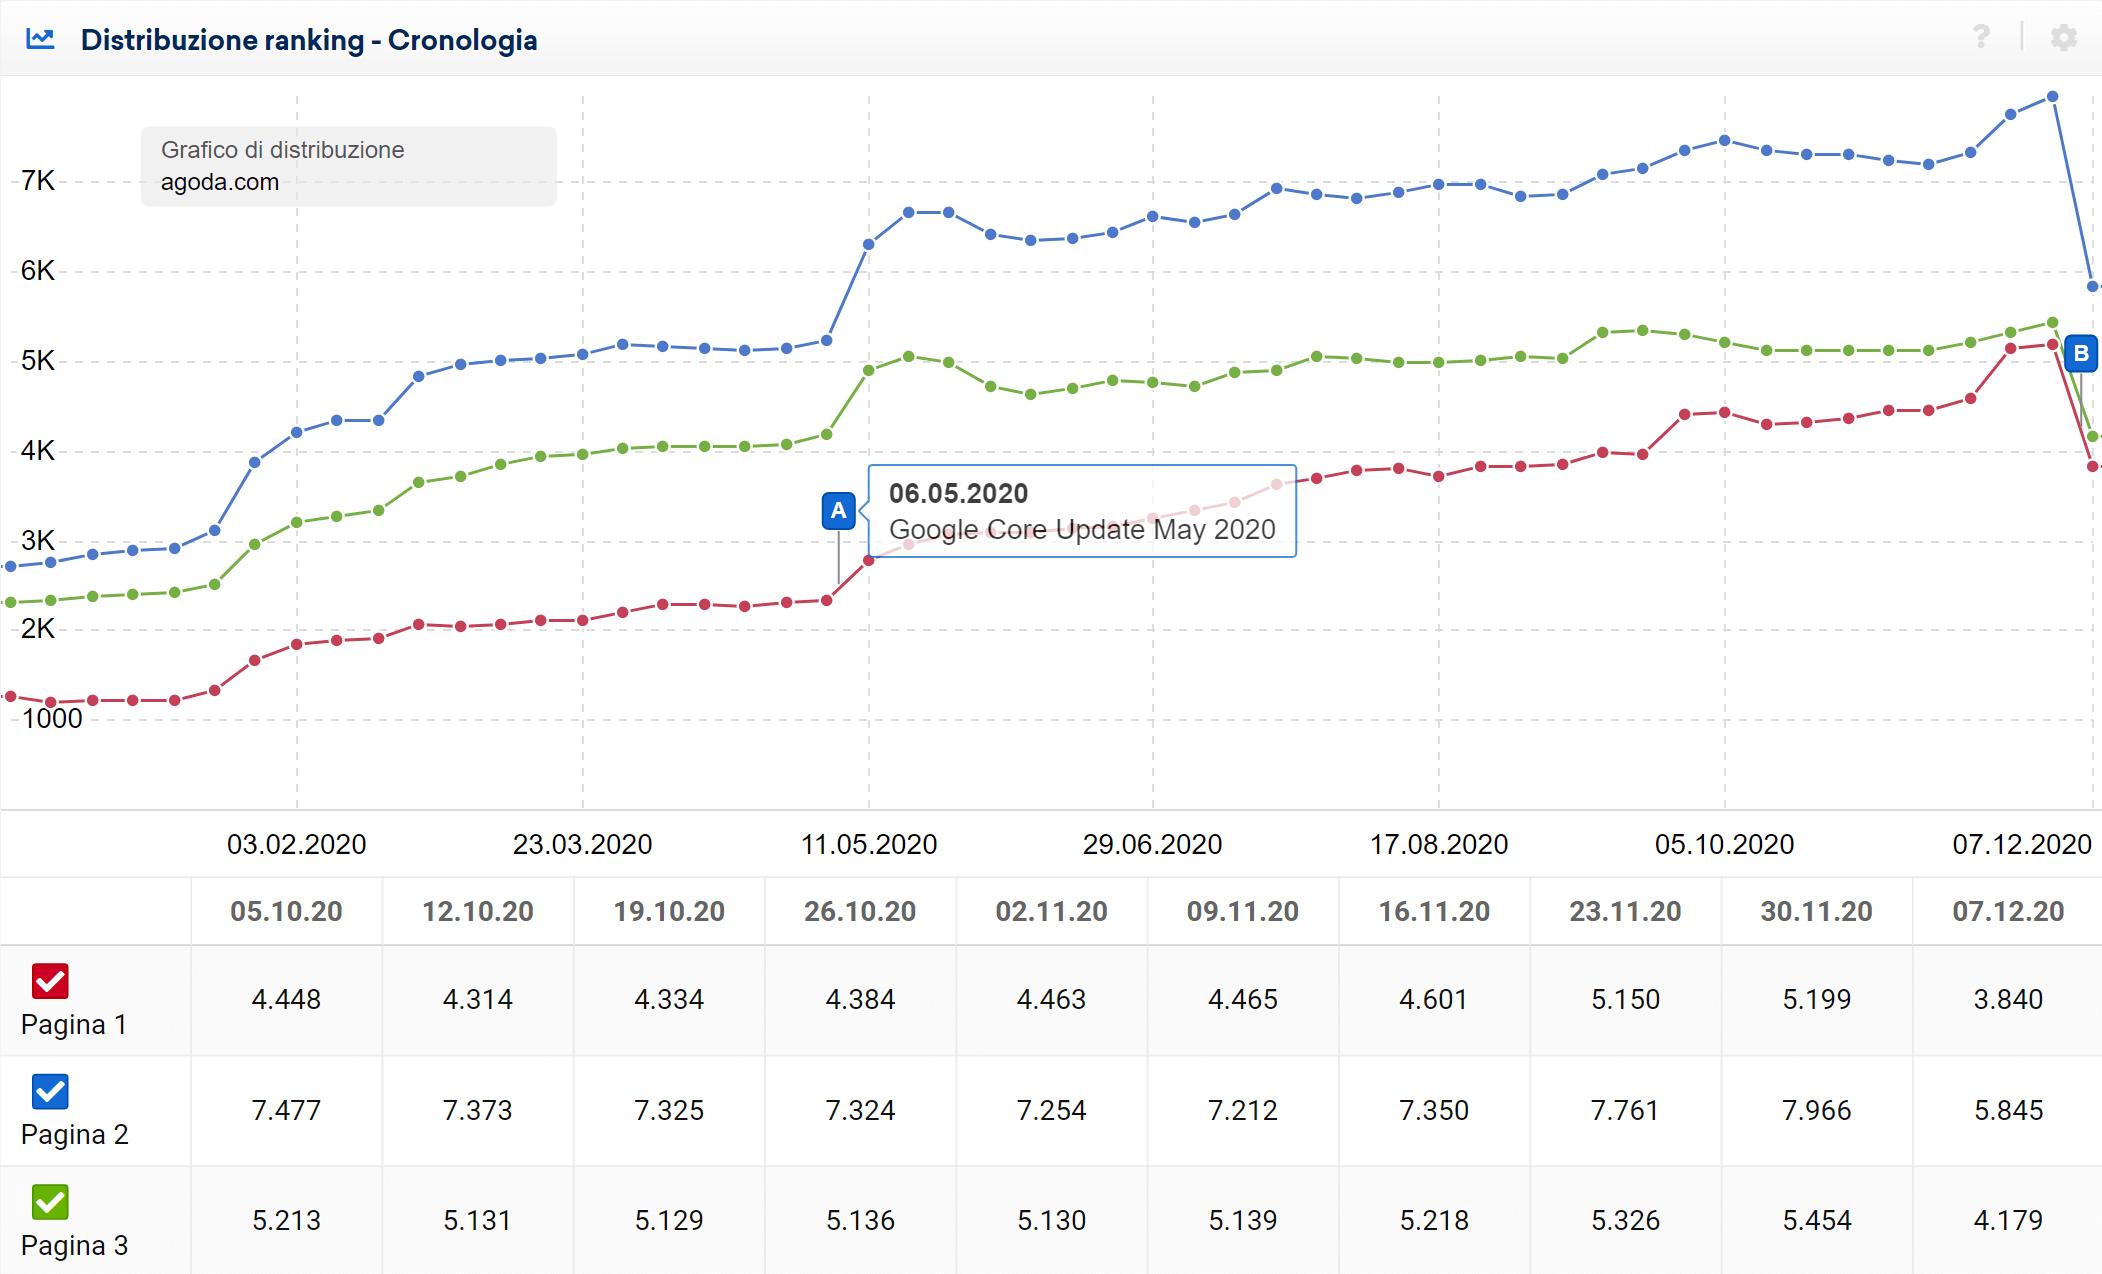 Ranking di agoda.com nelle prime tre pagine di Google